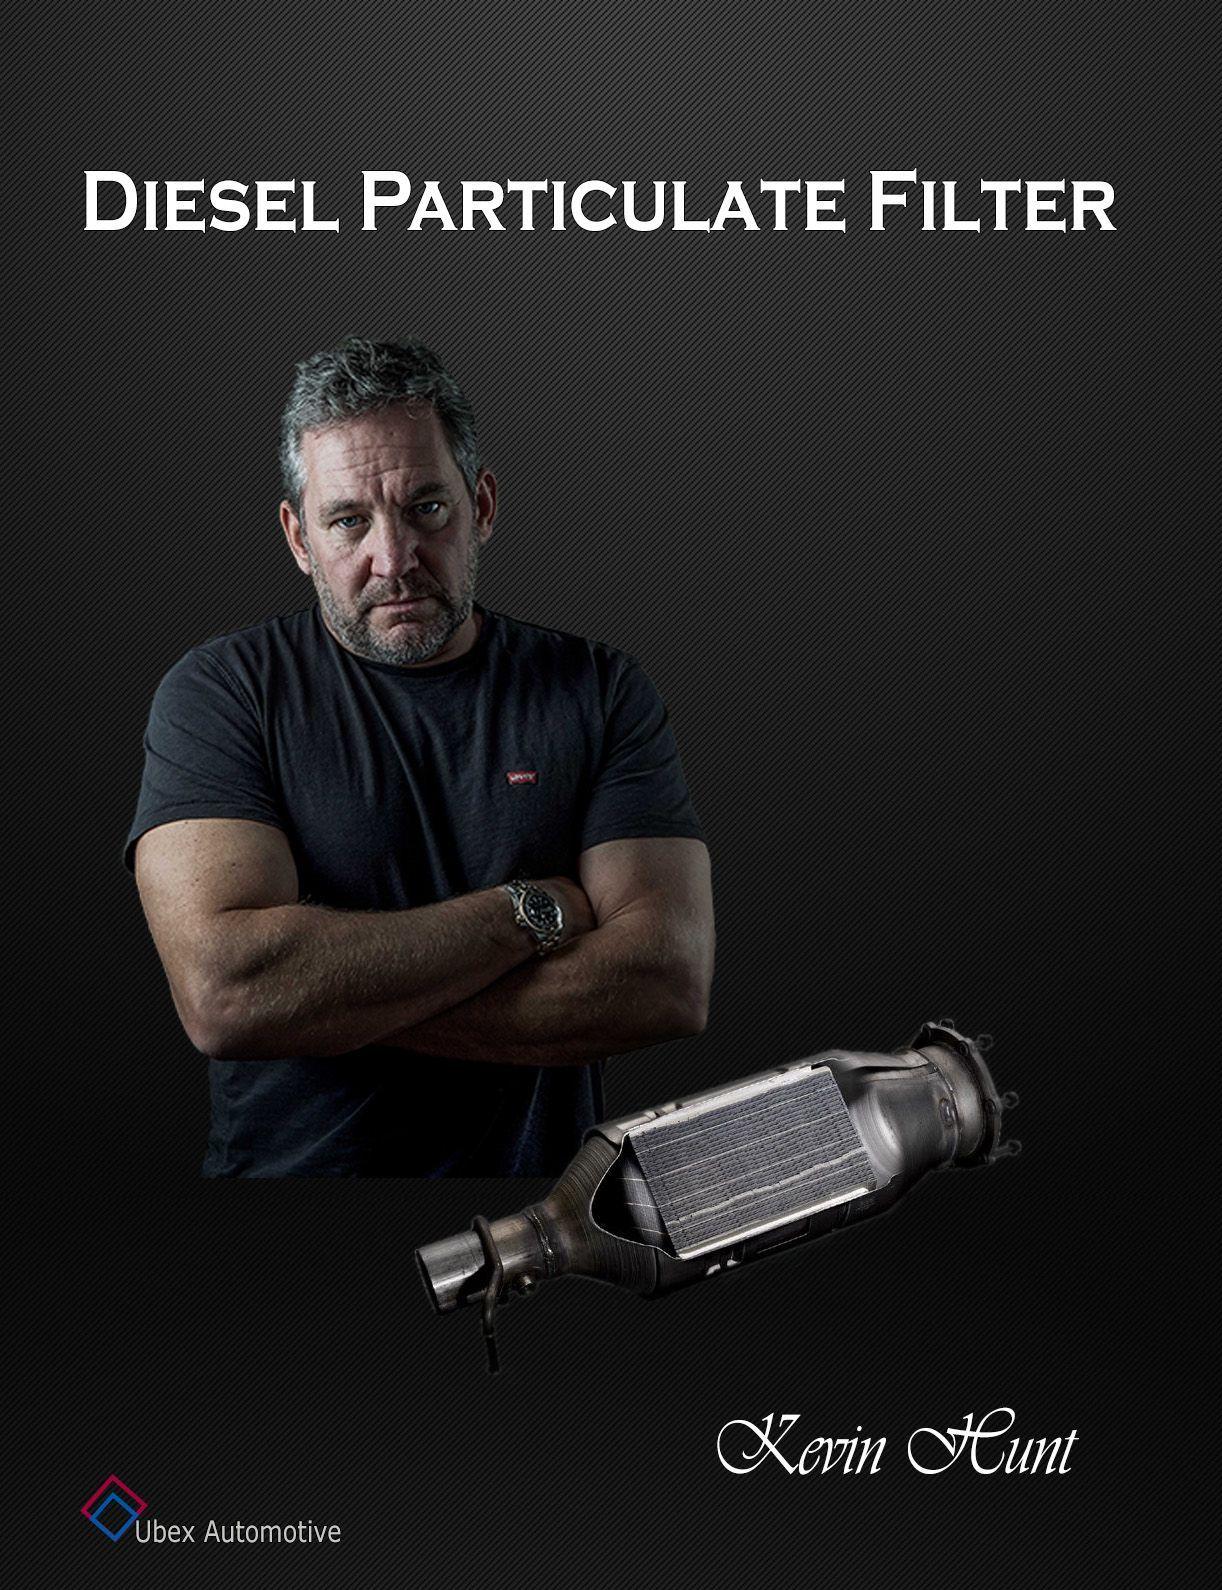 Diesel Particulate Filter-Kevin Hunt